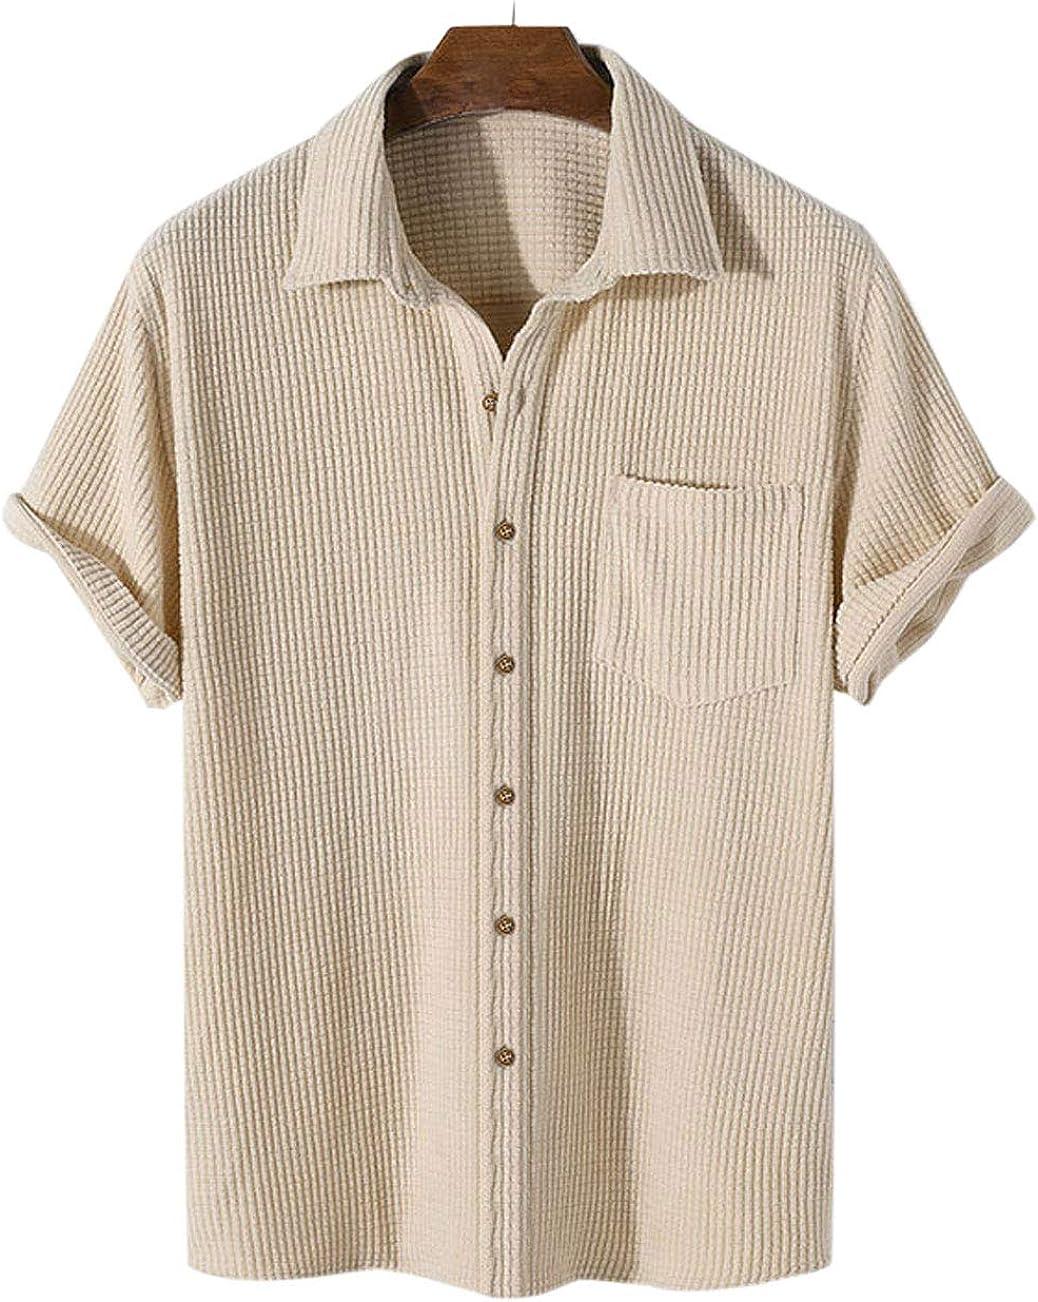 PAODIKUAI Men's Retro Short Sleeve Corduroy Shirt Casual Button Down Shirts